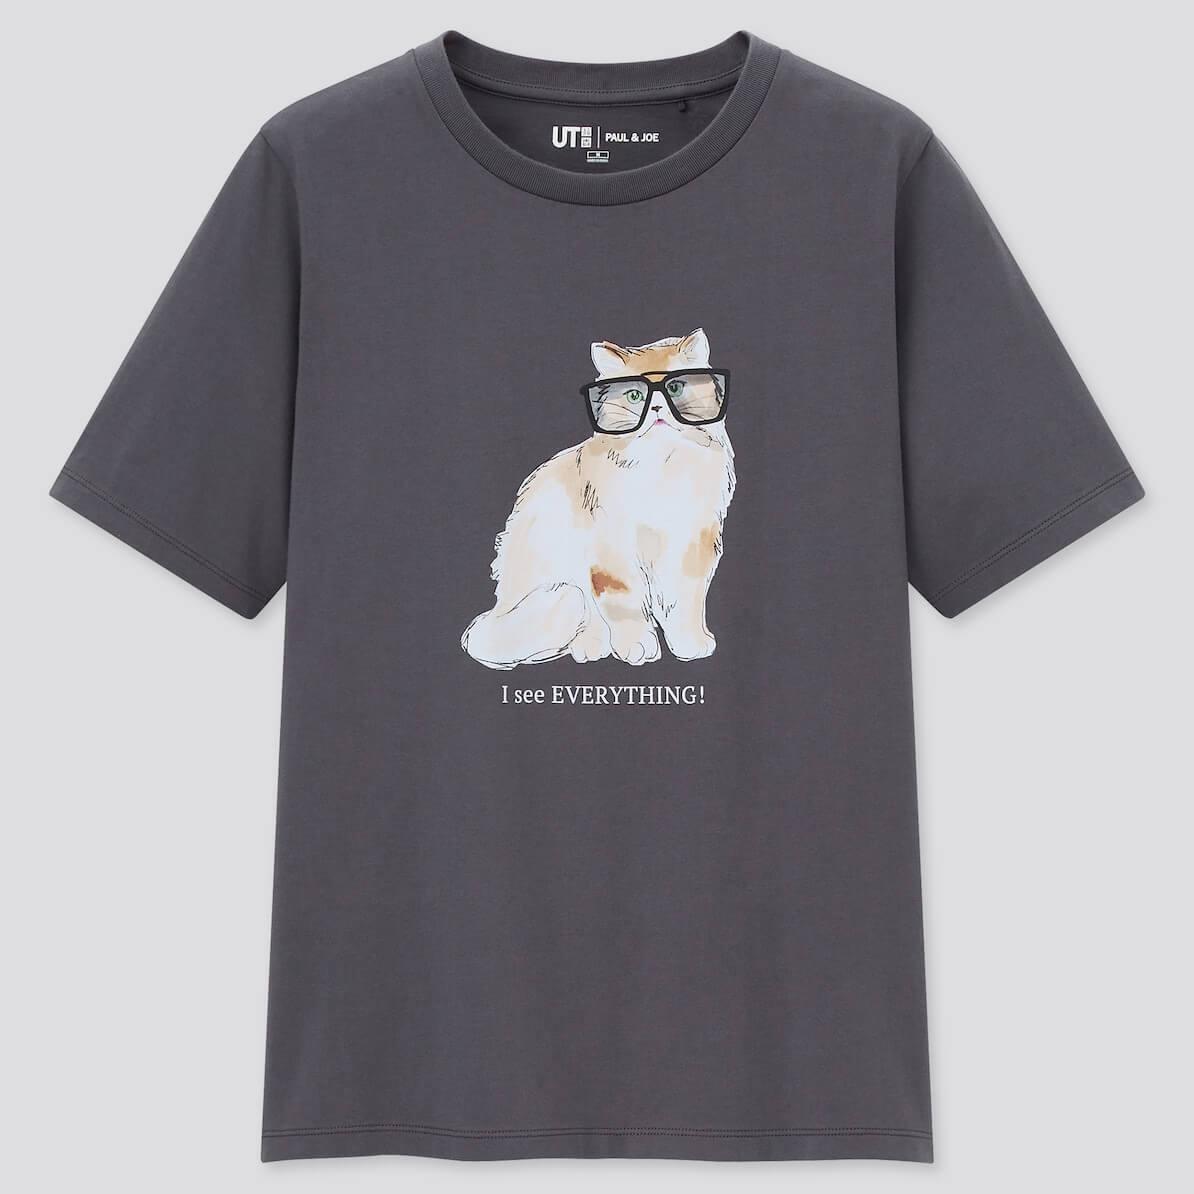 サングラスキャット柄のデザインTシャツ by UTとポールアンドジョーのコラボ商品